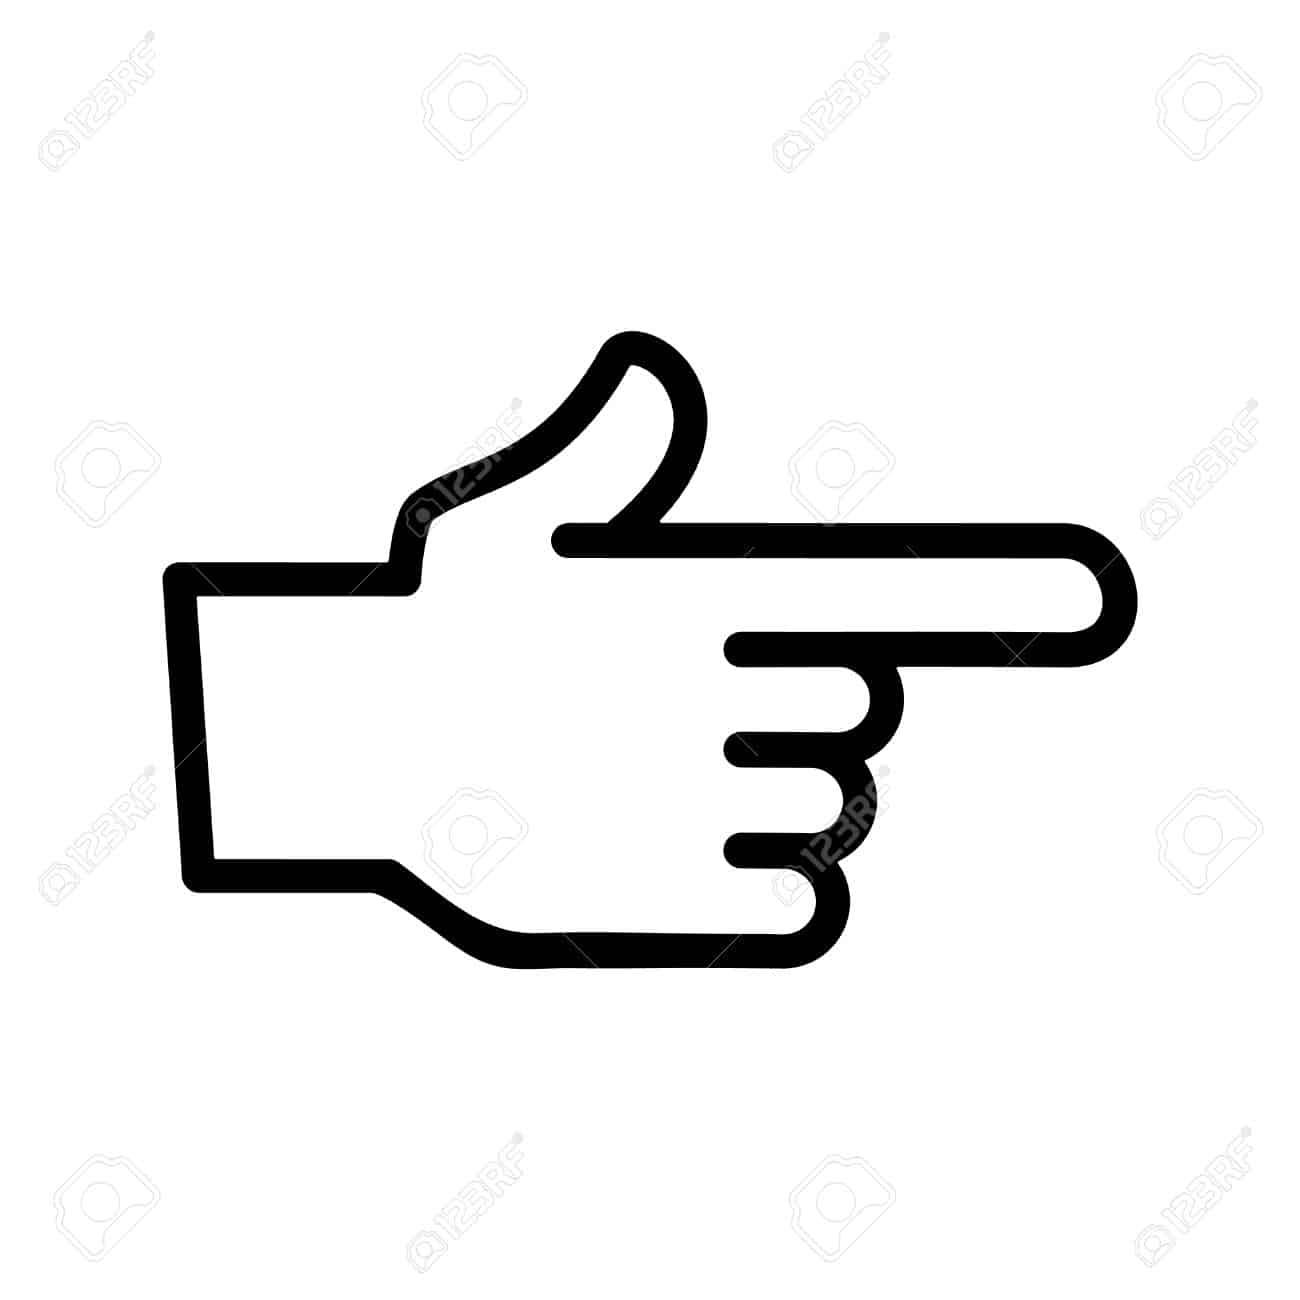 49650600-Finger-Point-Vector-Icon-Stock-Vector-finger